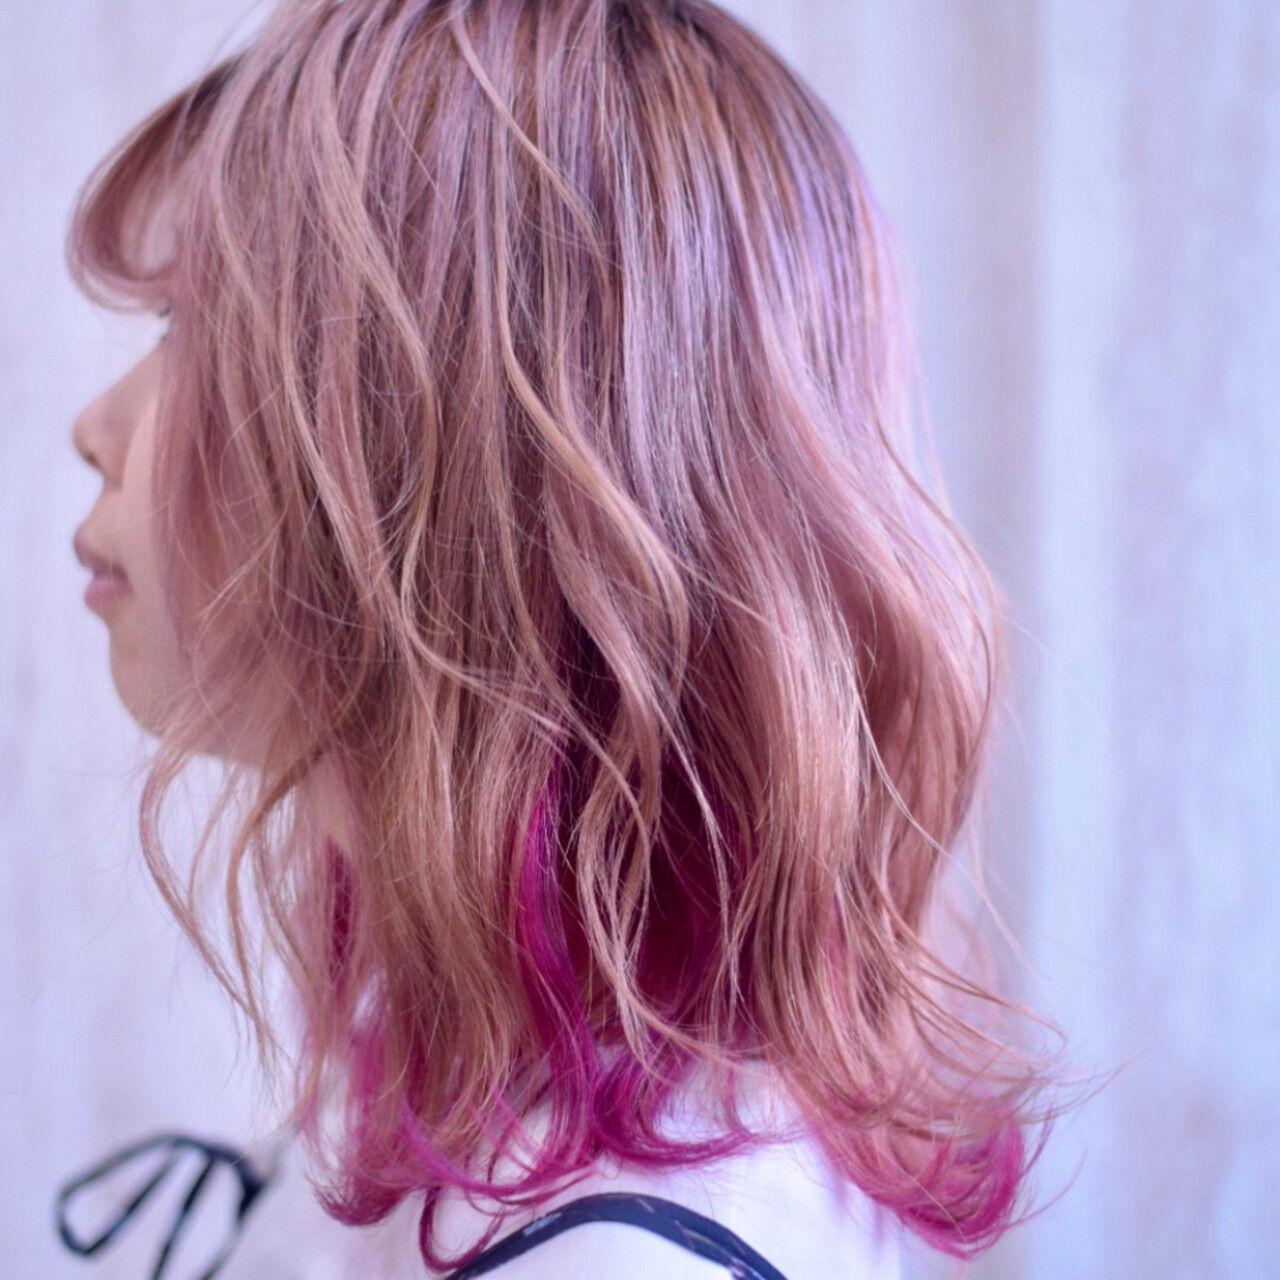 ピンクパープル ピンク ラズベリーピンク インナーカラーヘアスタイルや髪型の写真・画像